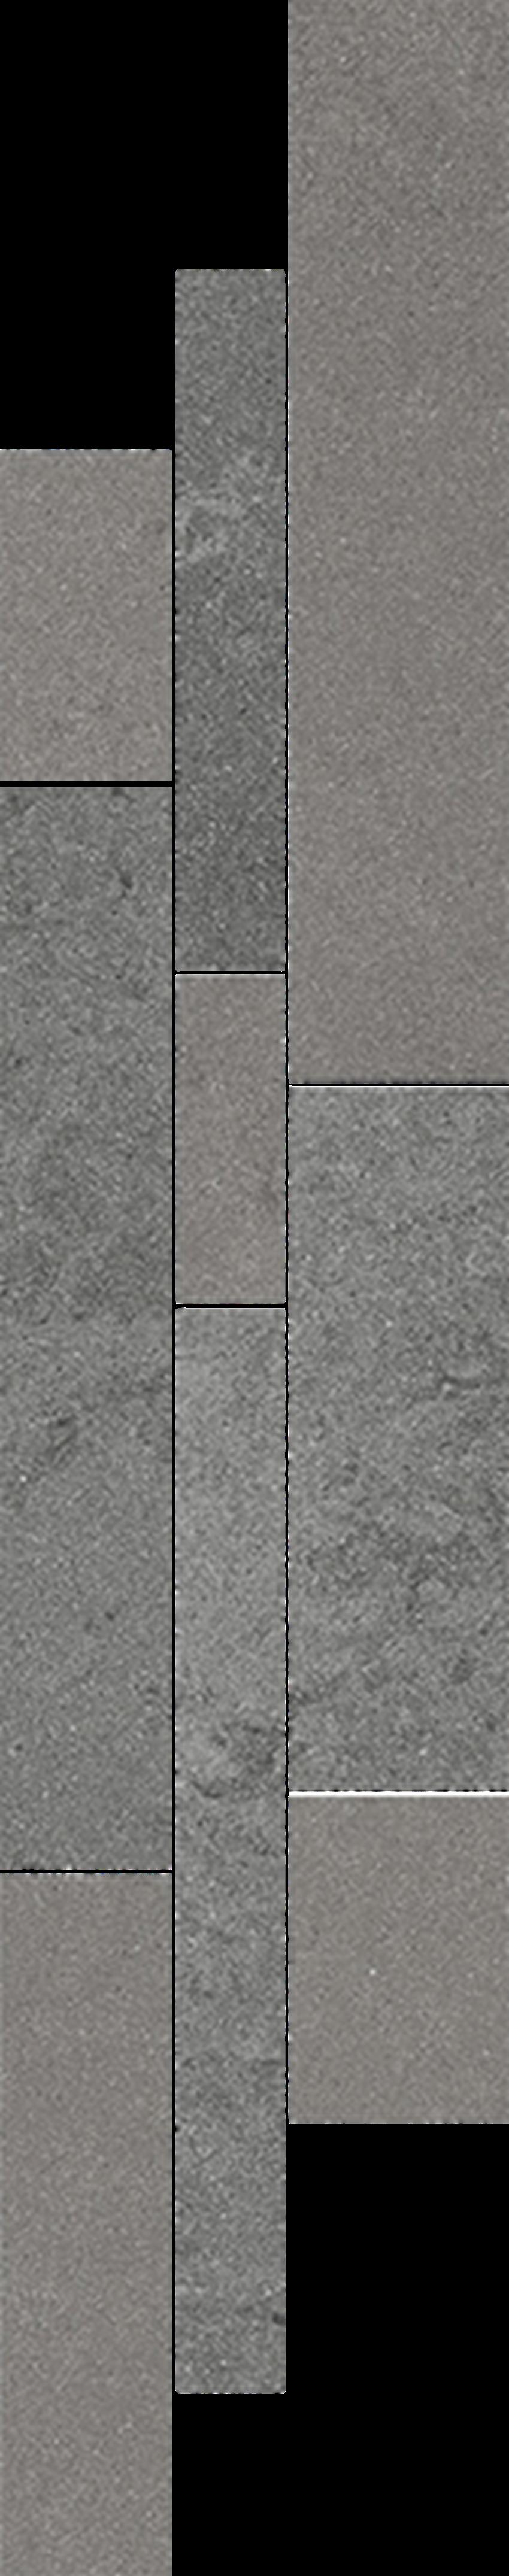 Dekoracja podłogowa 14,3x71 cm Paradyż Naturstone Grafits Listwa Mix Paski